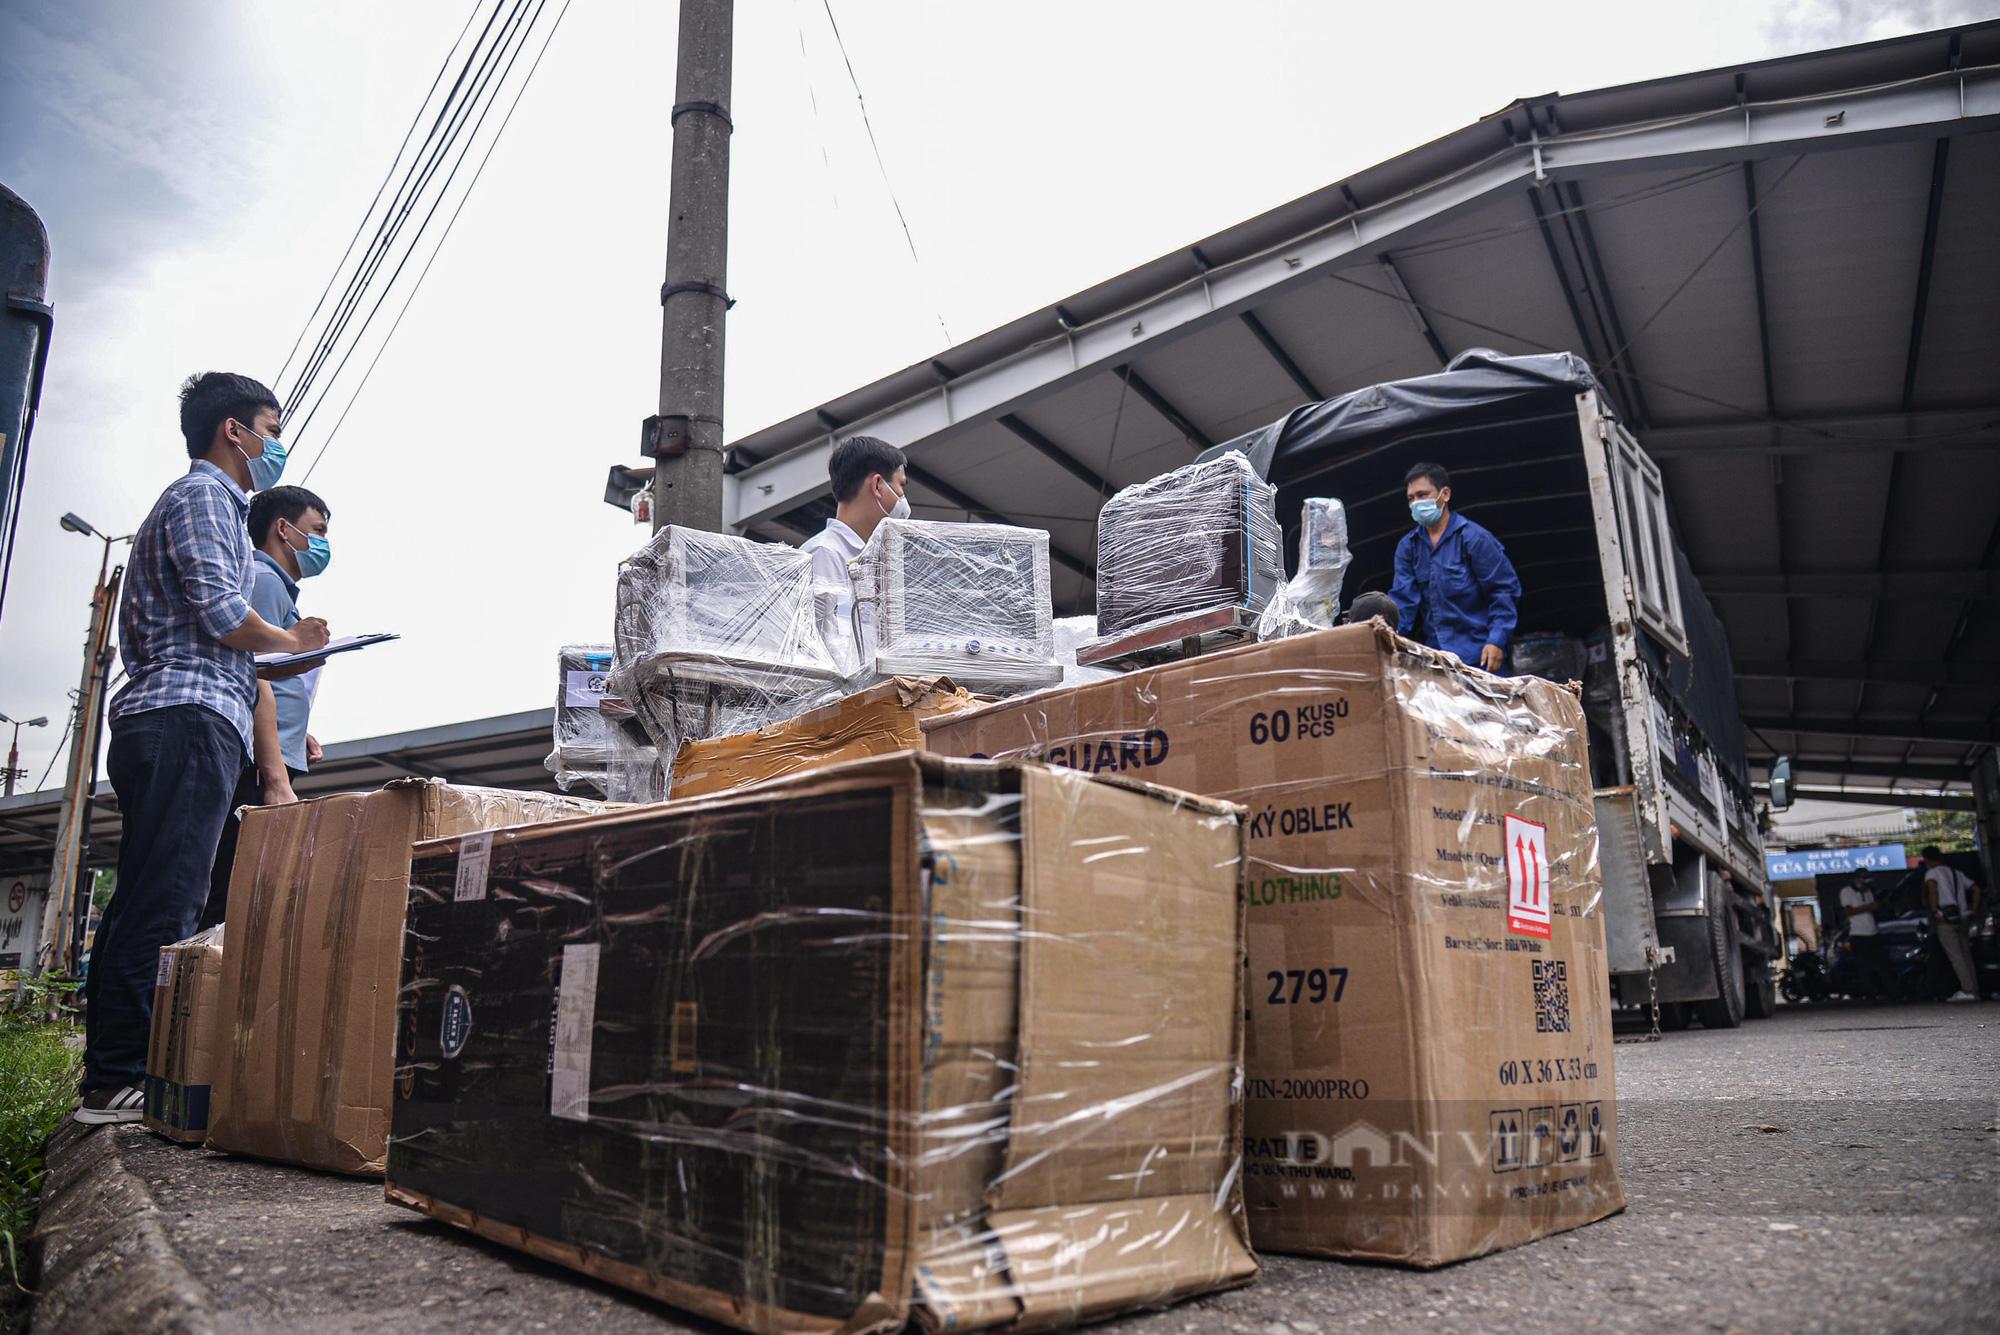 Cận cảnh chuyến tàu đặc biệt chở nhiều trang thiết bị y tế vào hỗ trợ Tp. Hồ Chí Minh  - Ảnh 8.